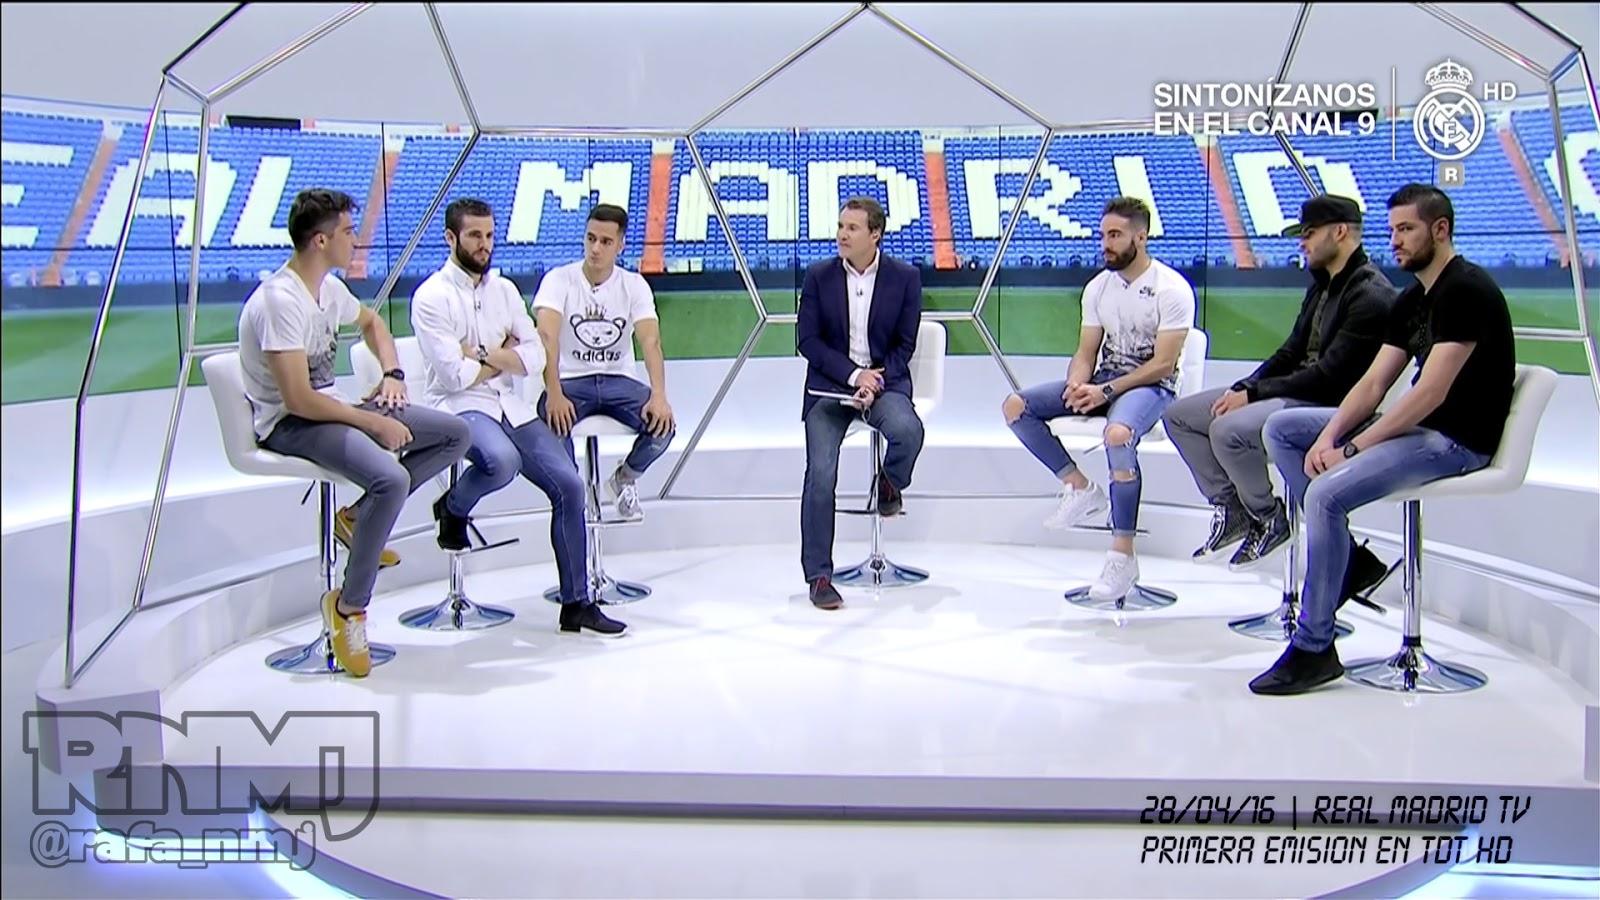 La moviola de rafanomejodas real madrid tv empieza su for Real madrid tv